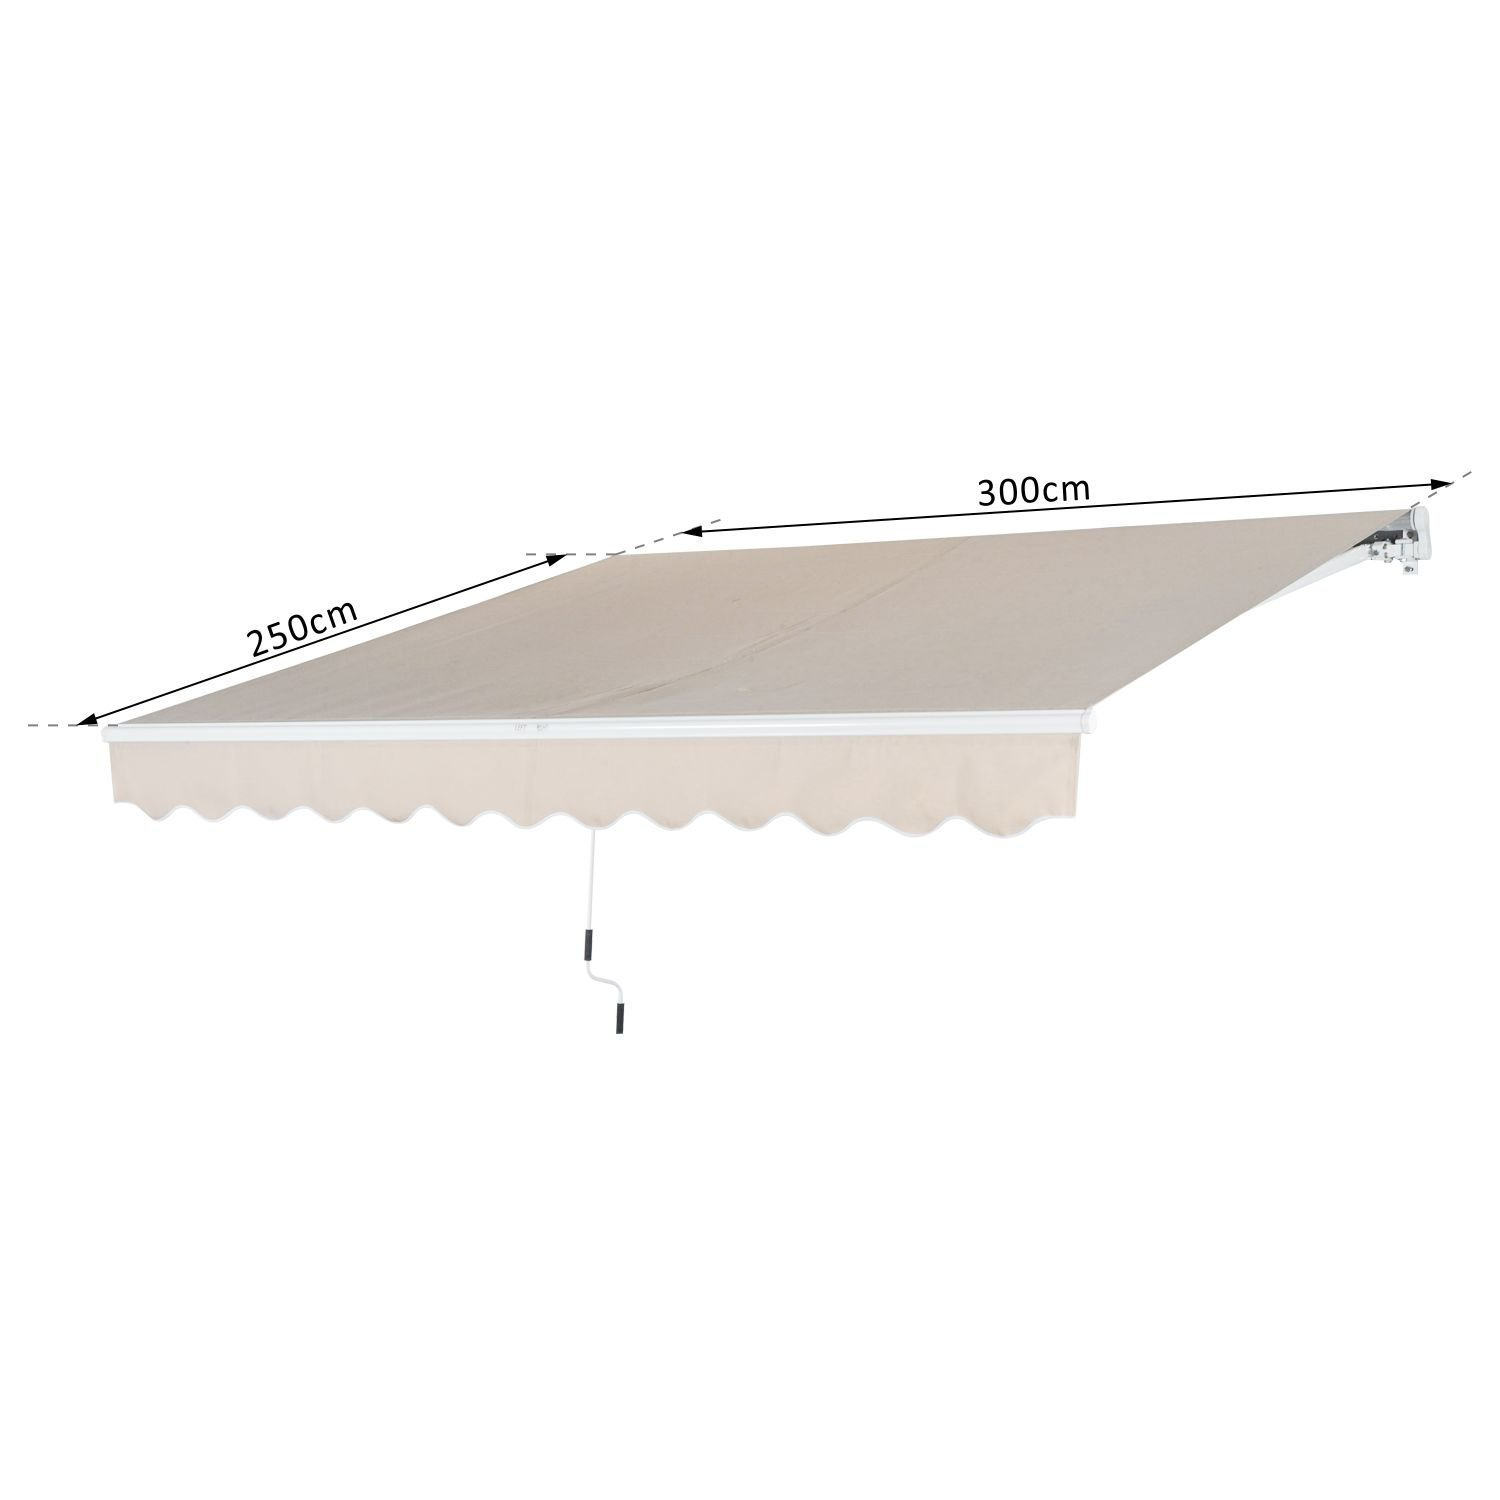 Outsunny Tenda da Sole Avvolgibile da Esterno Impermeabile in Poliestere Beige 300 /× 250 cm